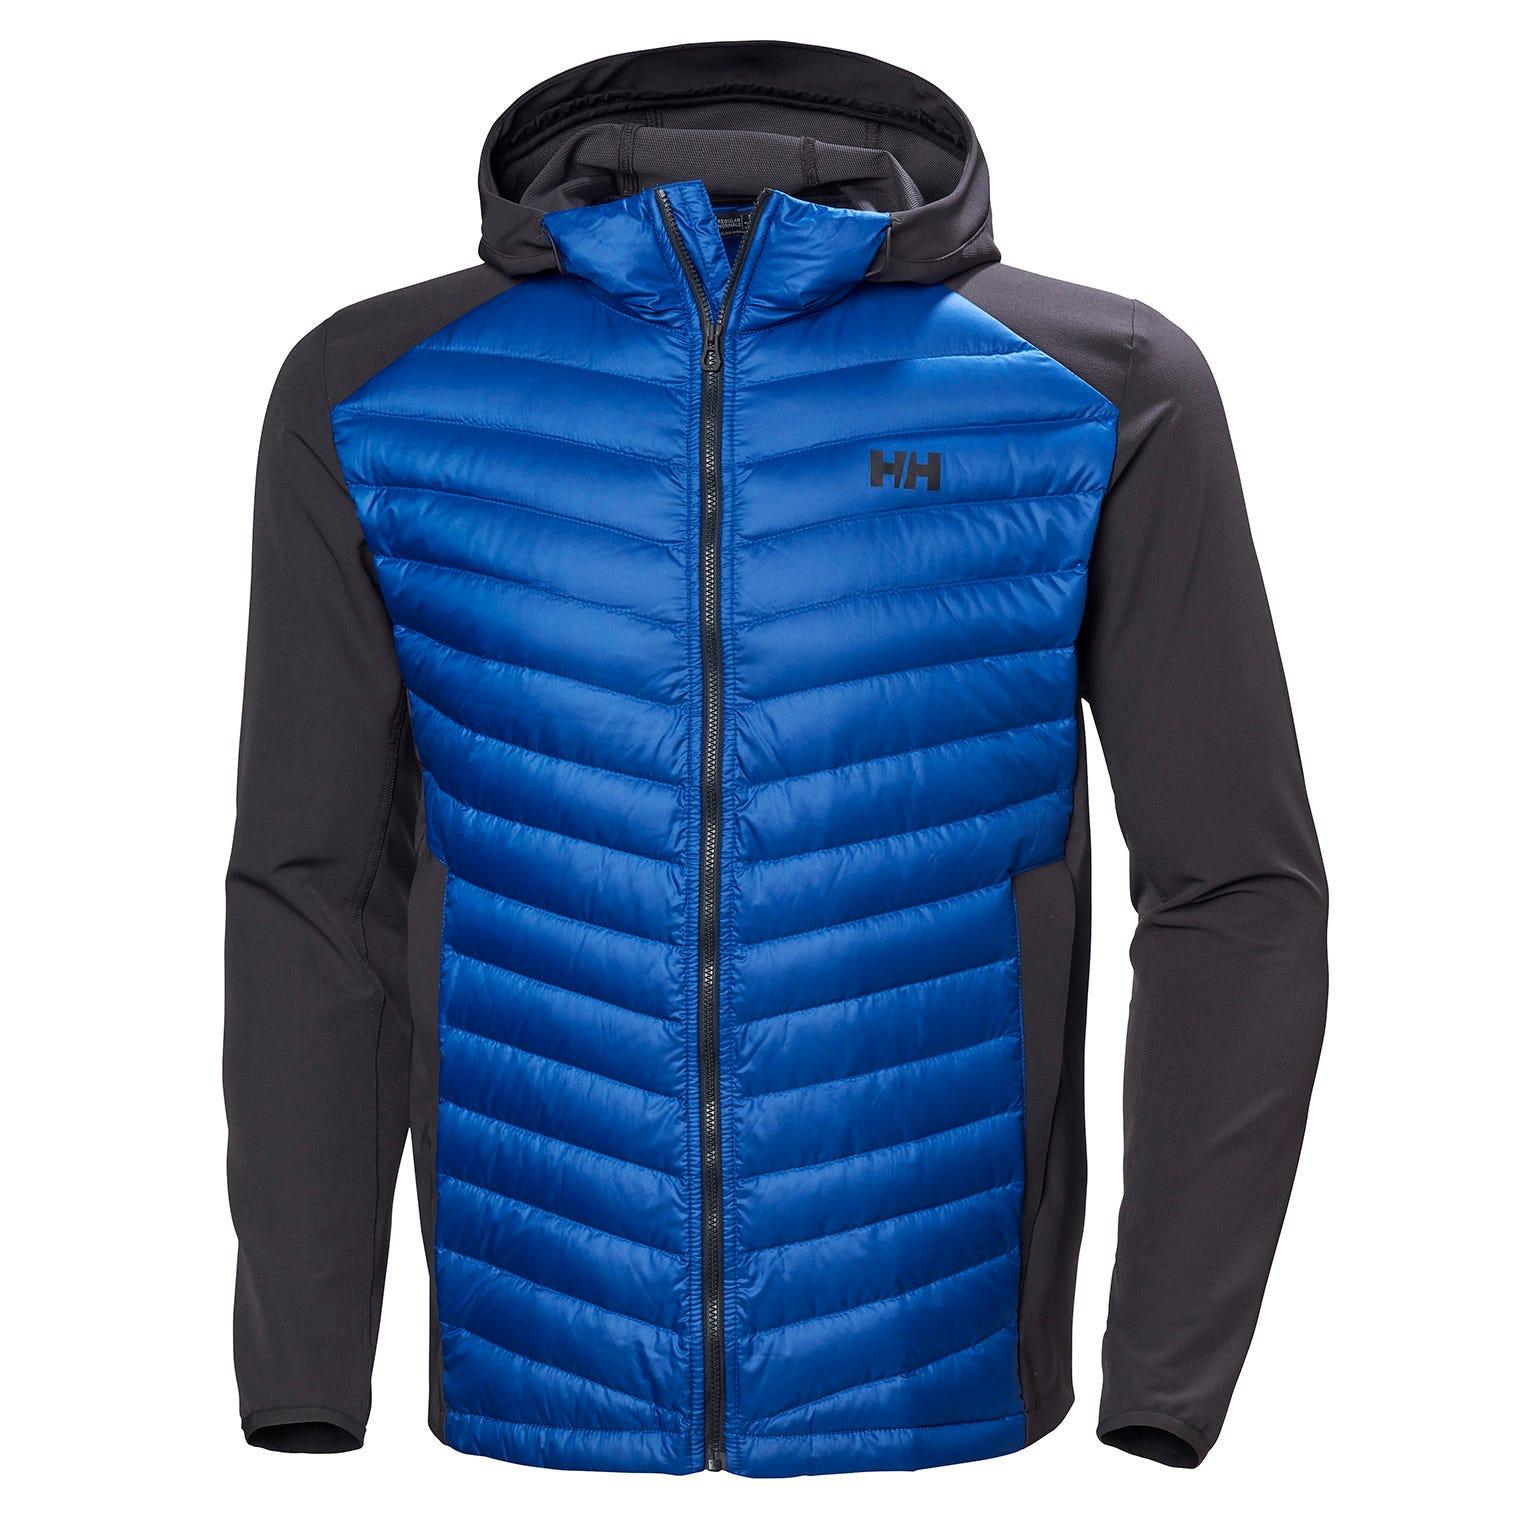 Helly Hansen Verglas Light Jacket Mens Hiking Blue S